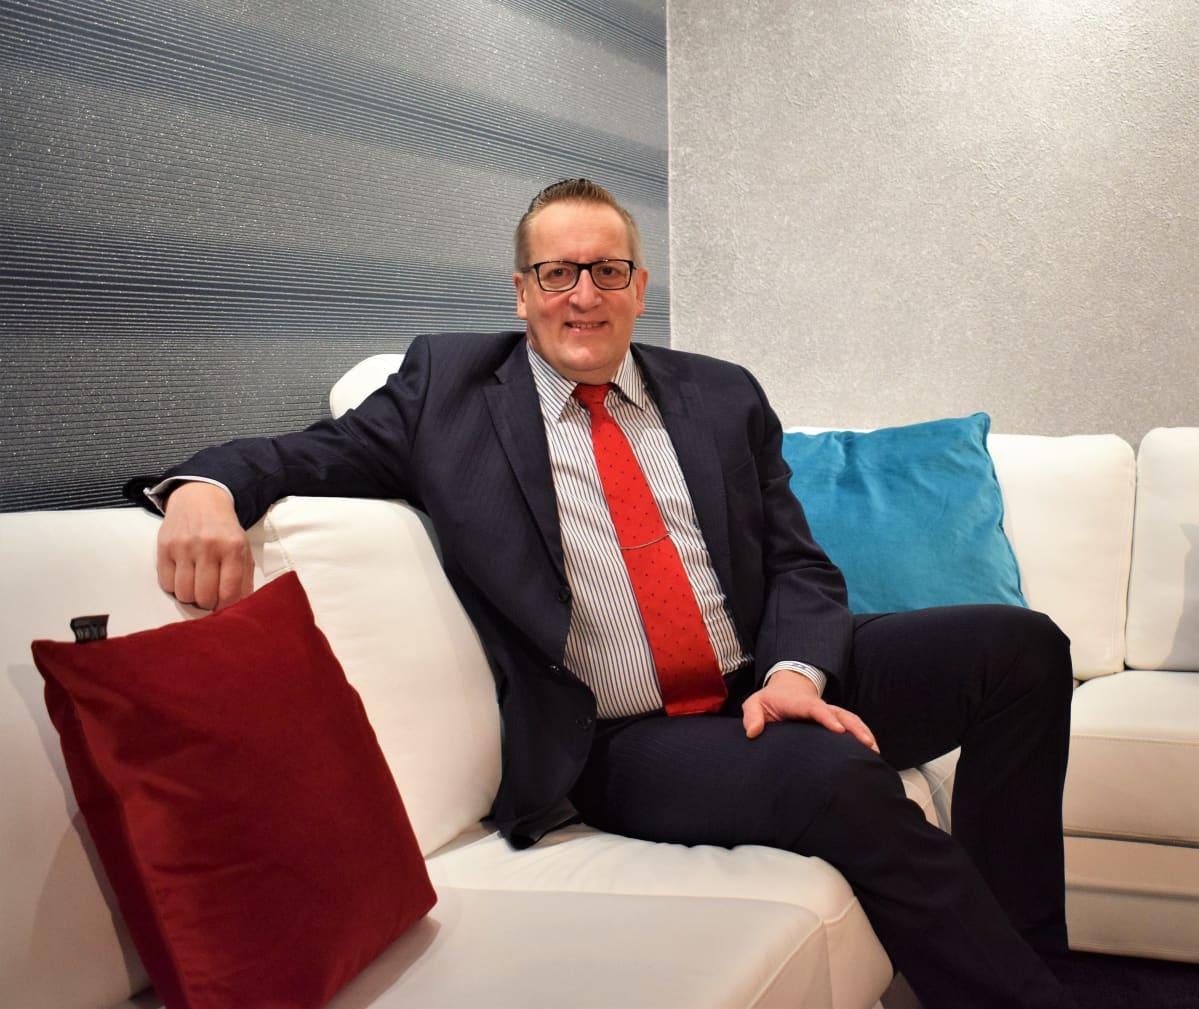 Naantalin selvityshenkilö Panu Routila istuu työhuoneensa sohvalla